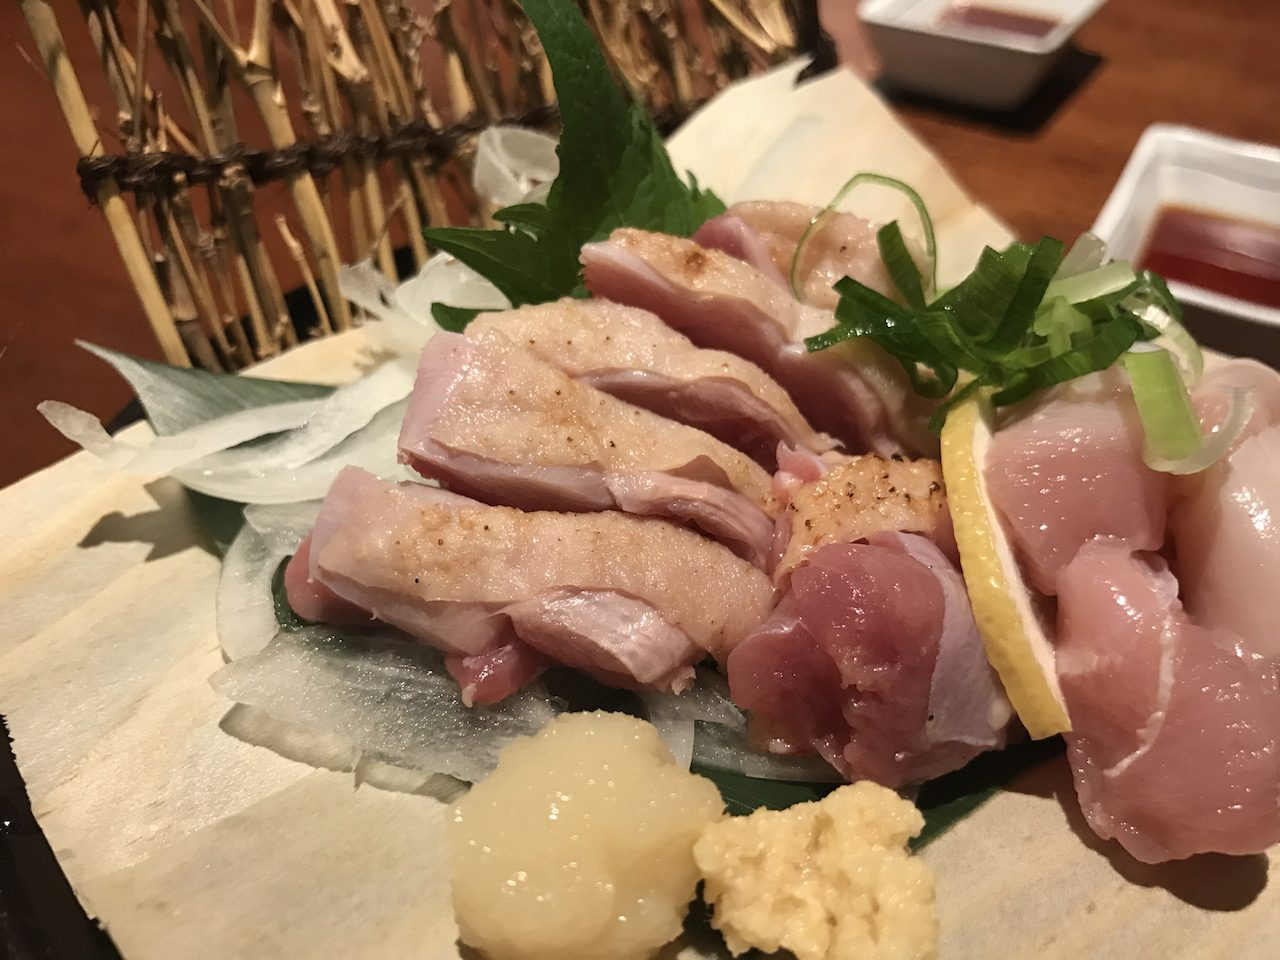 宮崎地鶏や焼鳥、馬刺しが食べたい時は山陽姫路駅からすぐの薩摩庵がおすすめ